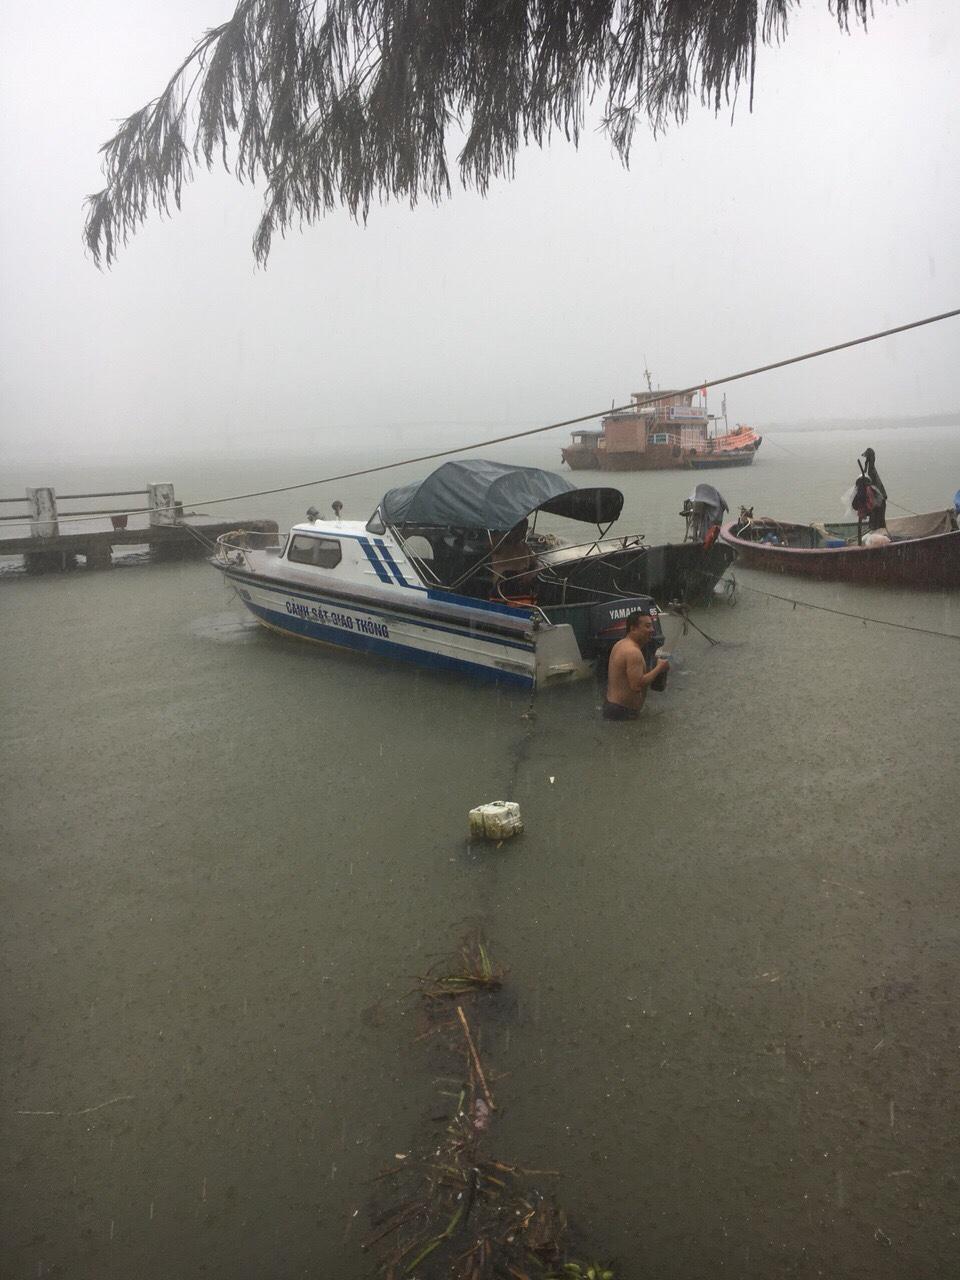 Cảnh sát đường thủy dầm trong mưa lớn, hỗ trợ bảo vệ tàu thuyền, di dời người dân. Ảnh: T.C